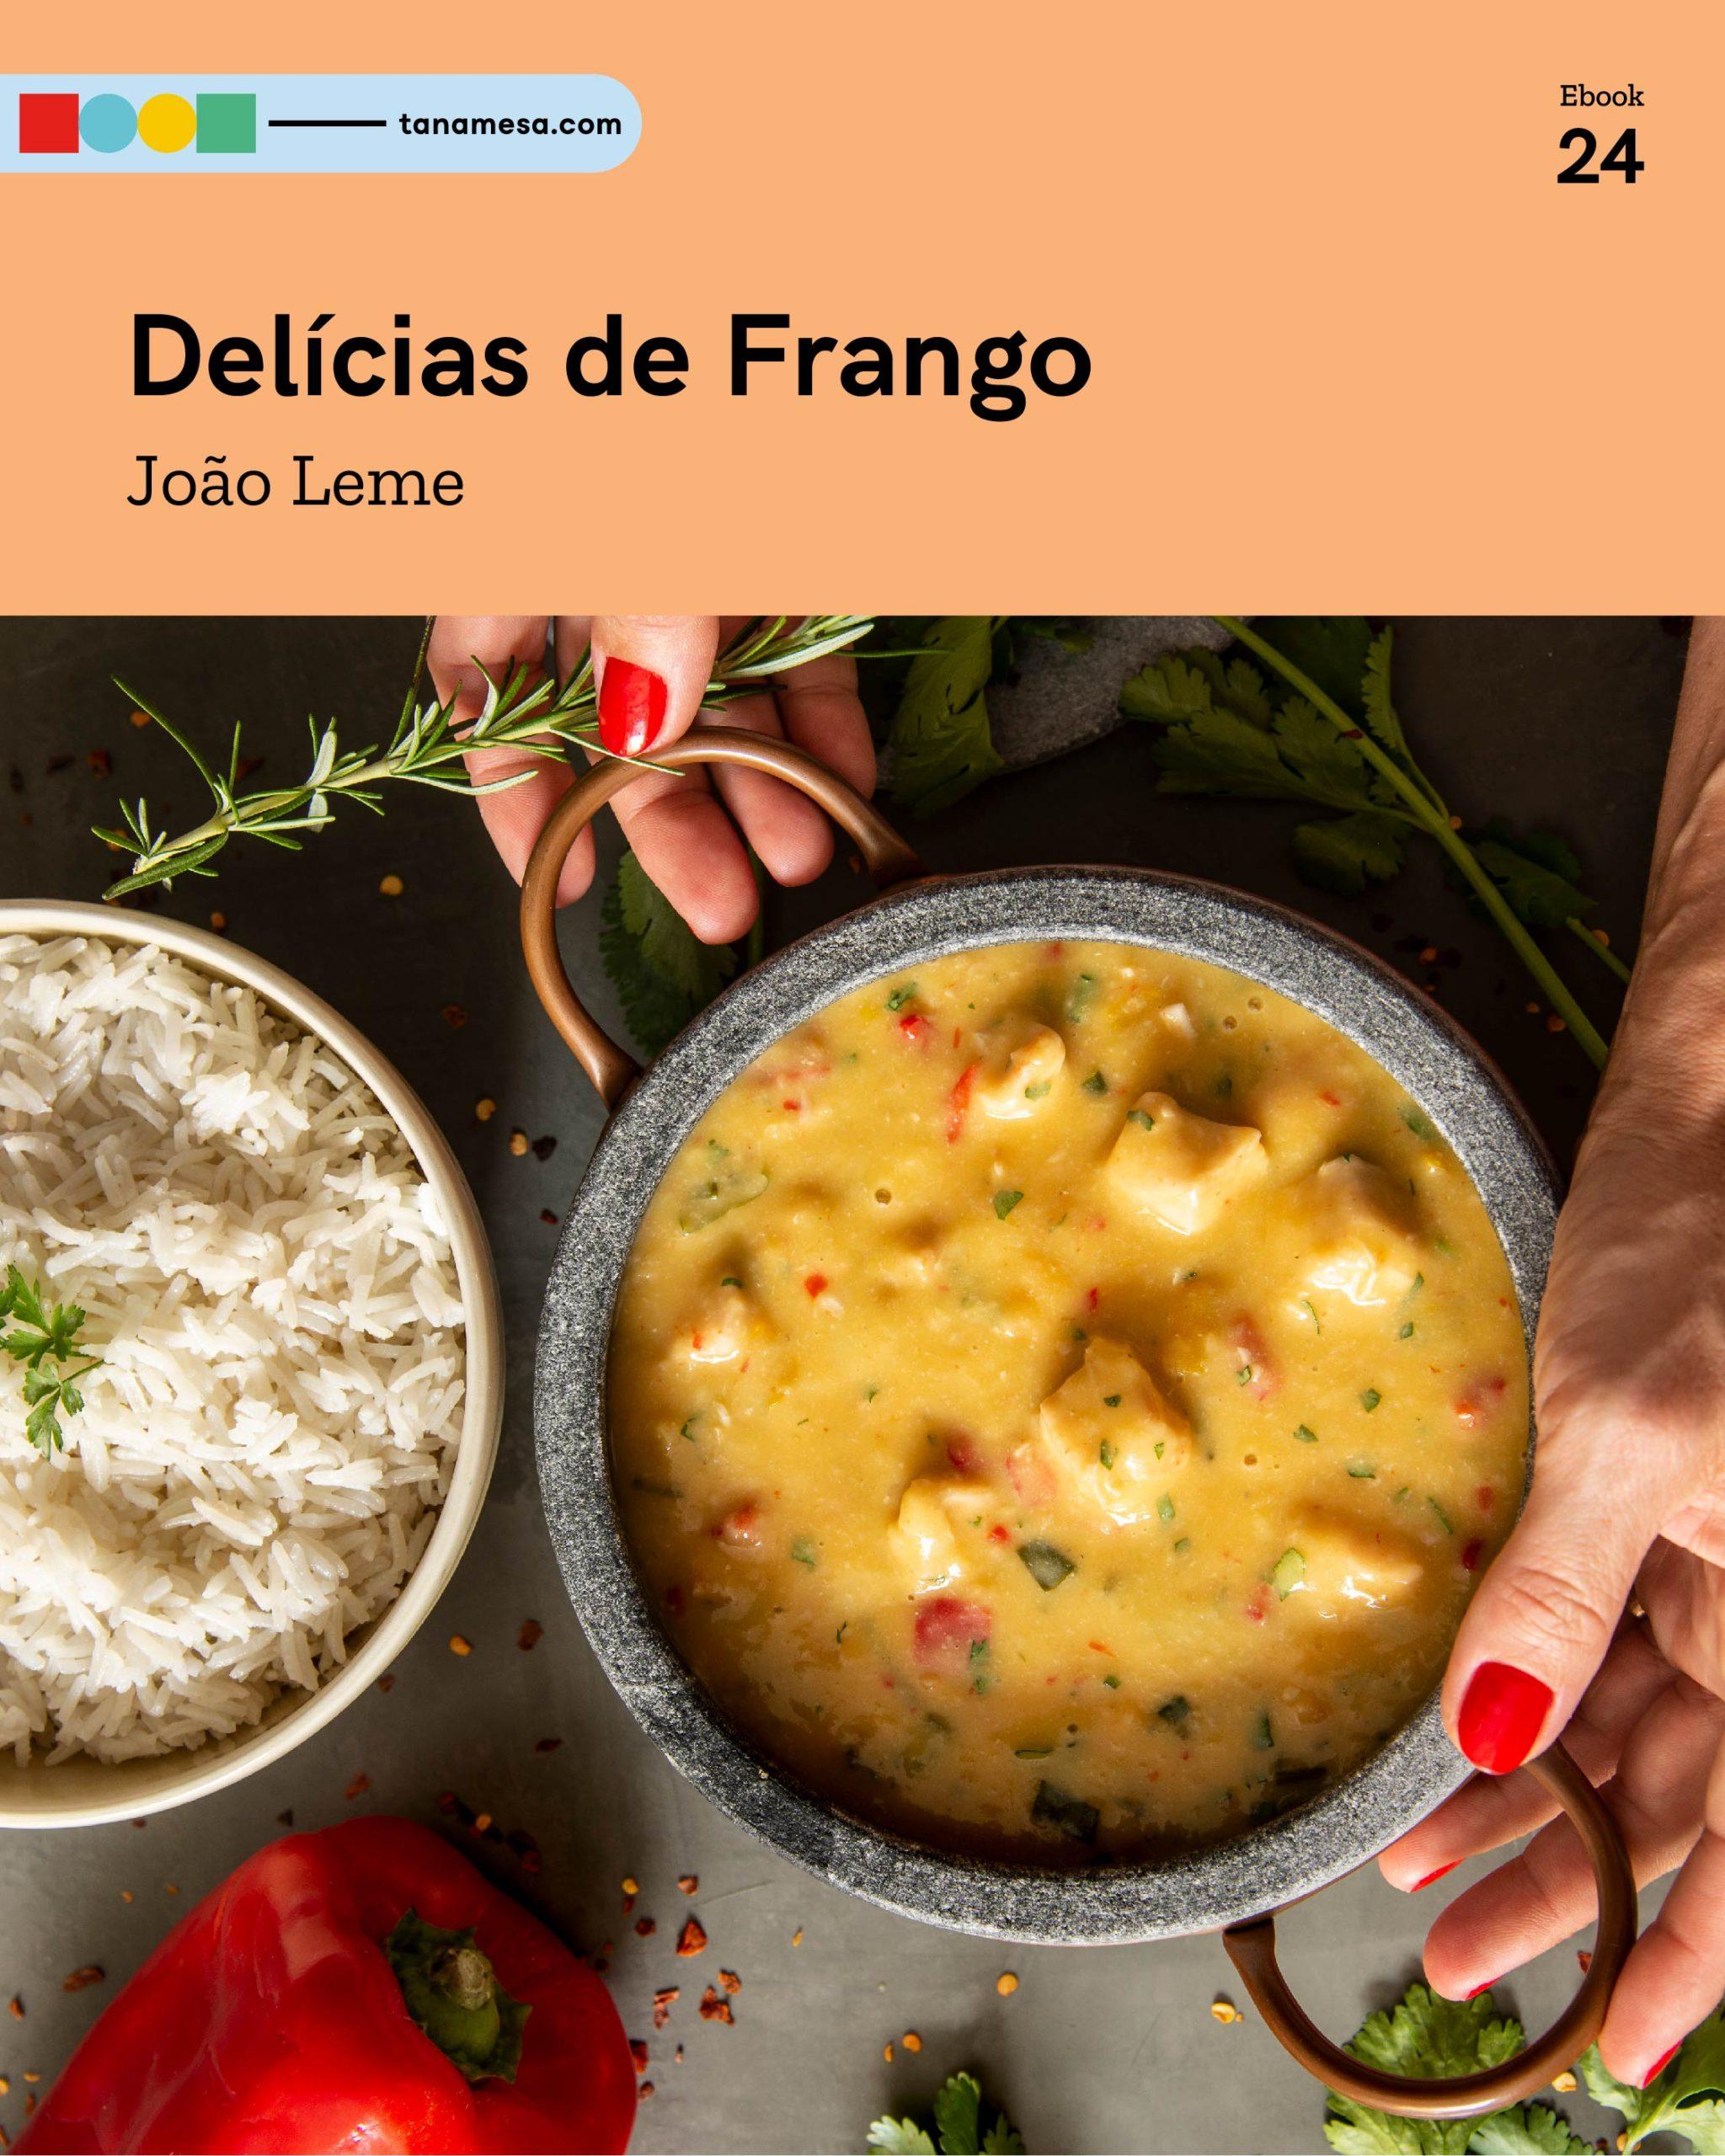 Delicias de Frango